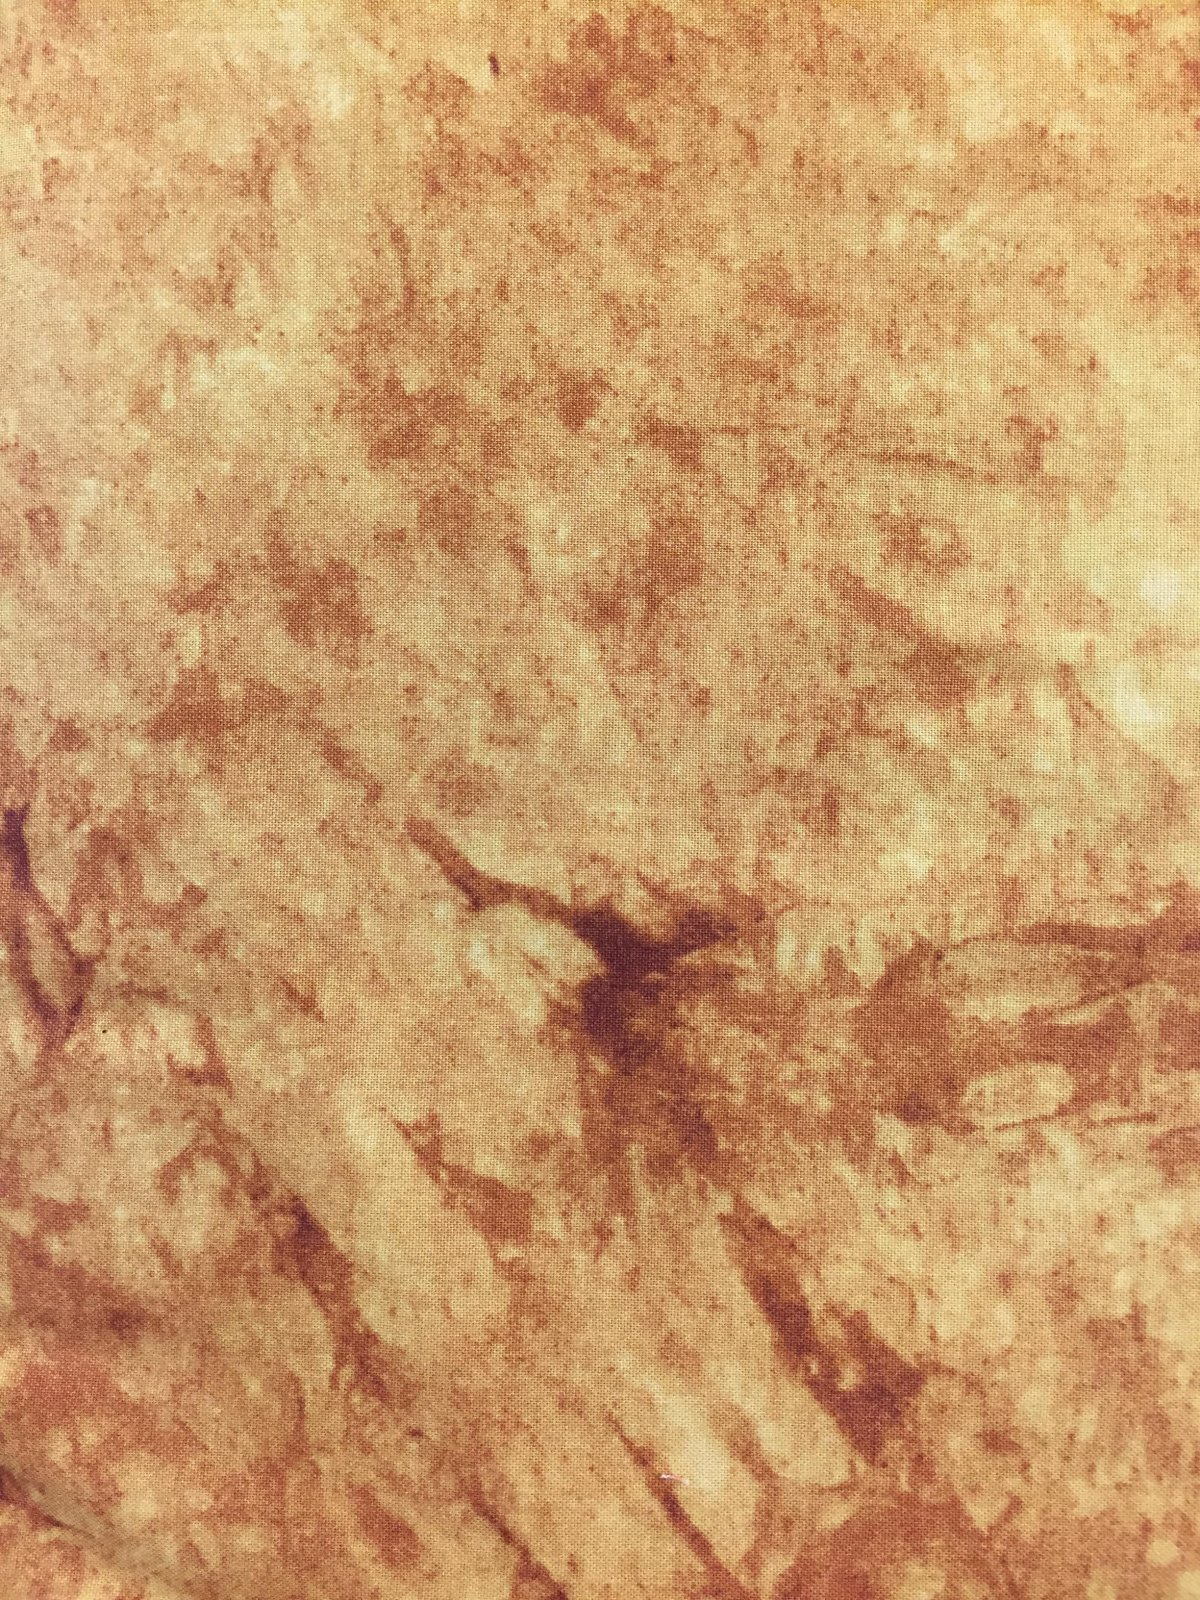 Artisan Spirit Falling Leaves - 5071-59